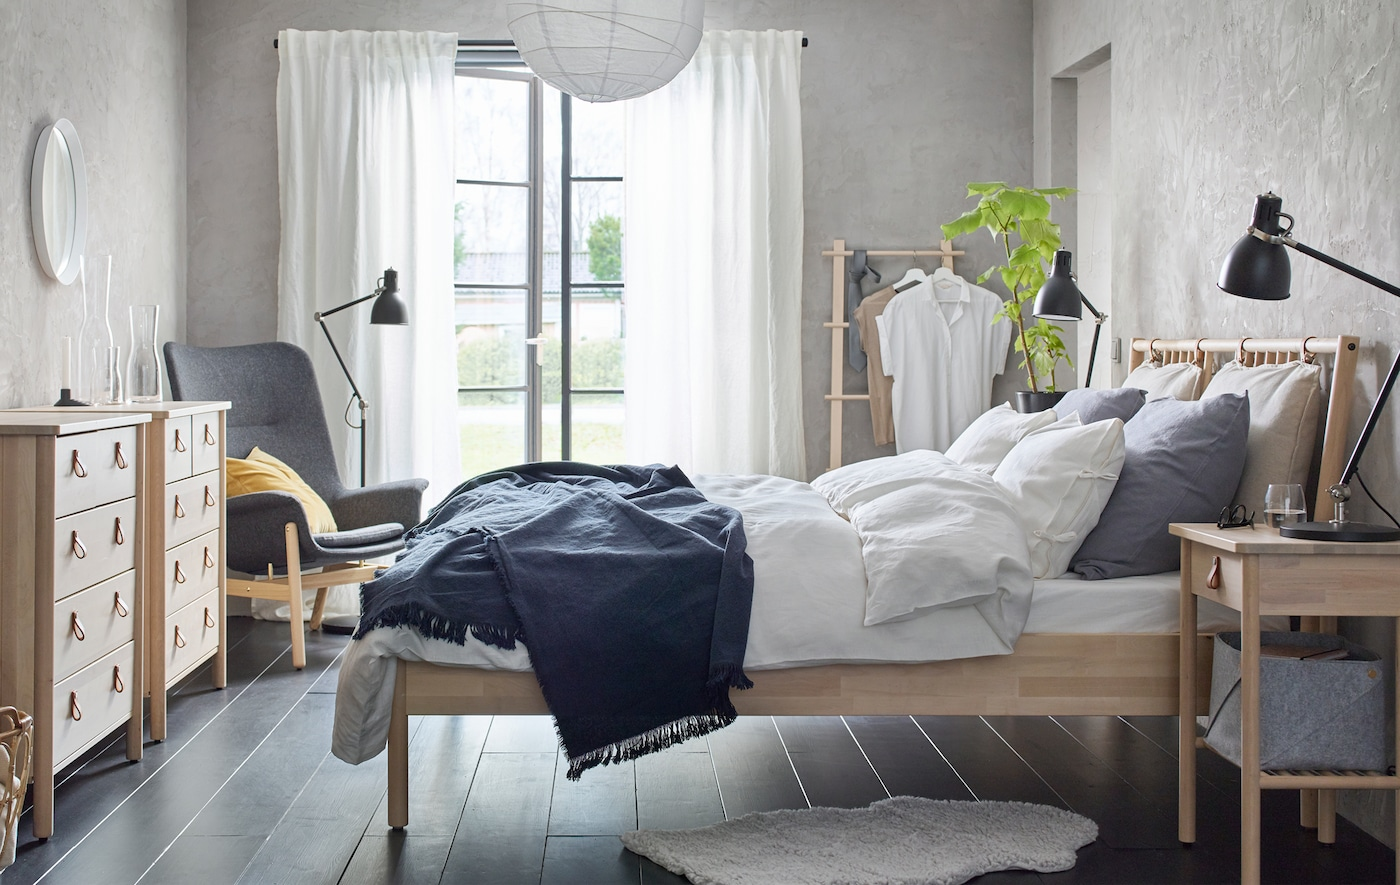 Un dormitorio con decoración en tonos neutros con una estructura de cama de madera, una cómoda con cajones y una mesita de noche.